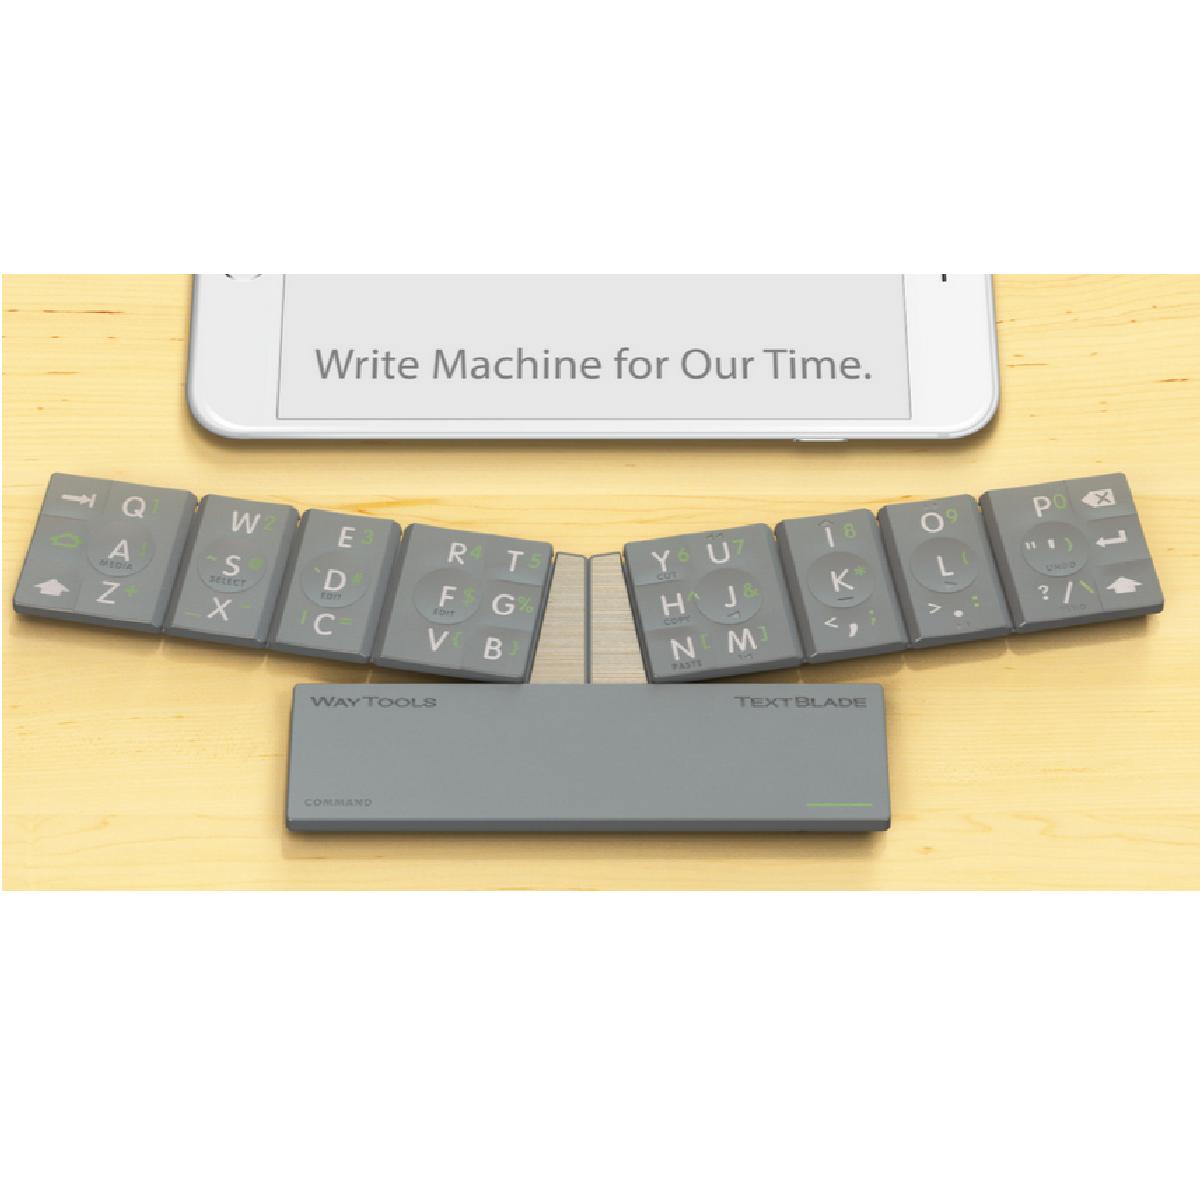 Le clavier TextBlade assemblé et connecté à un iPhone.